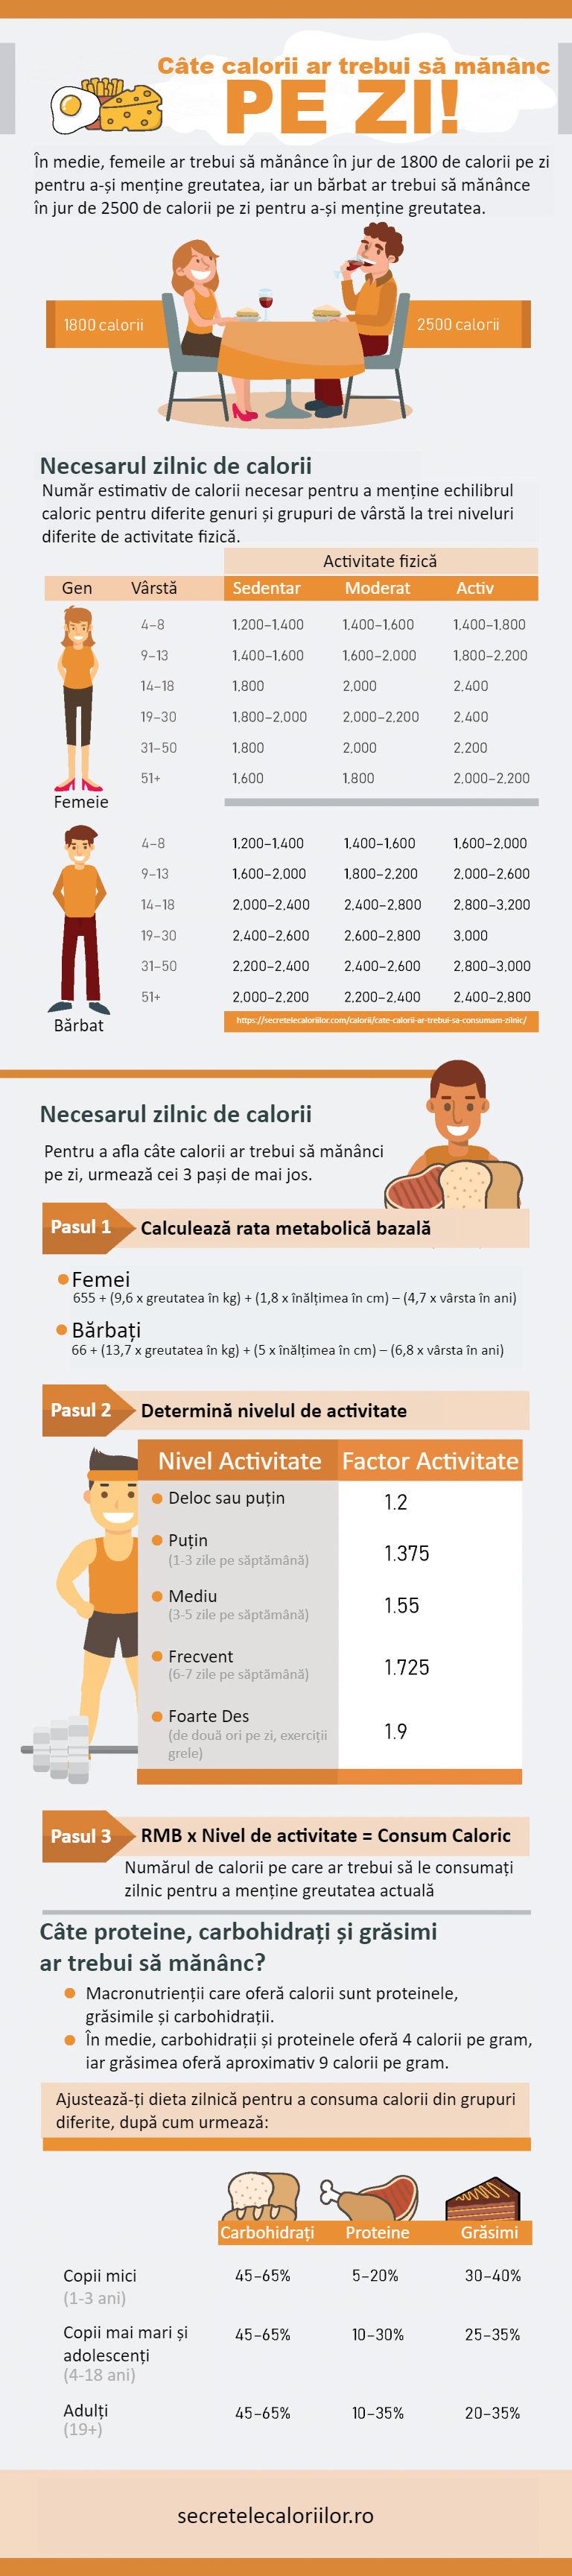 pot provoca pierderi de grăsime pierderea în greutate ppt